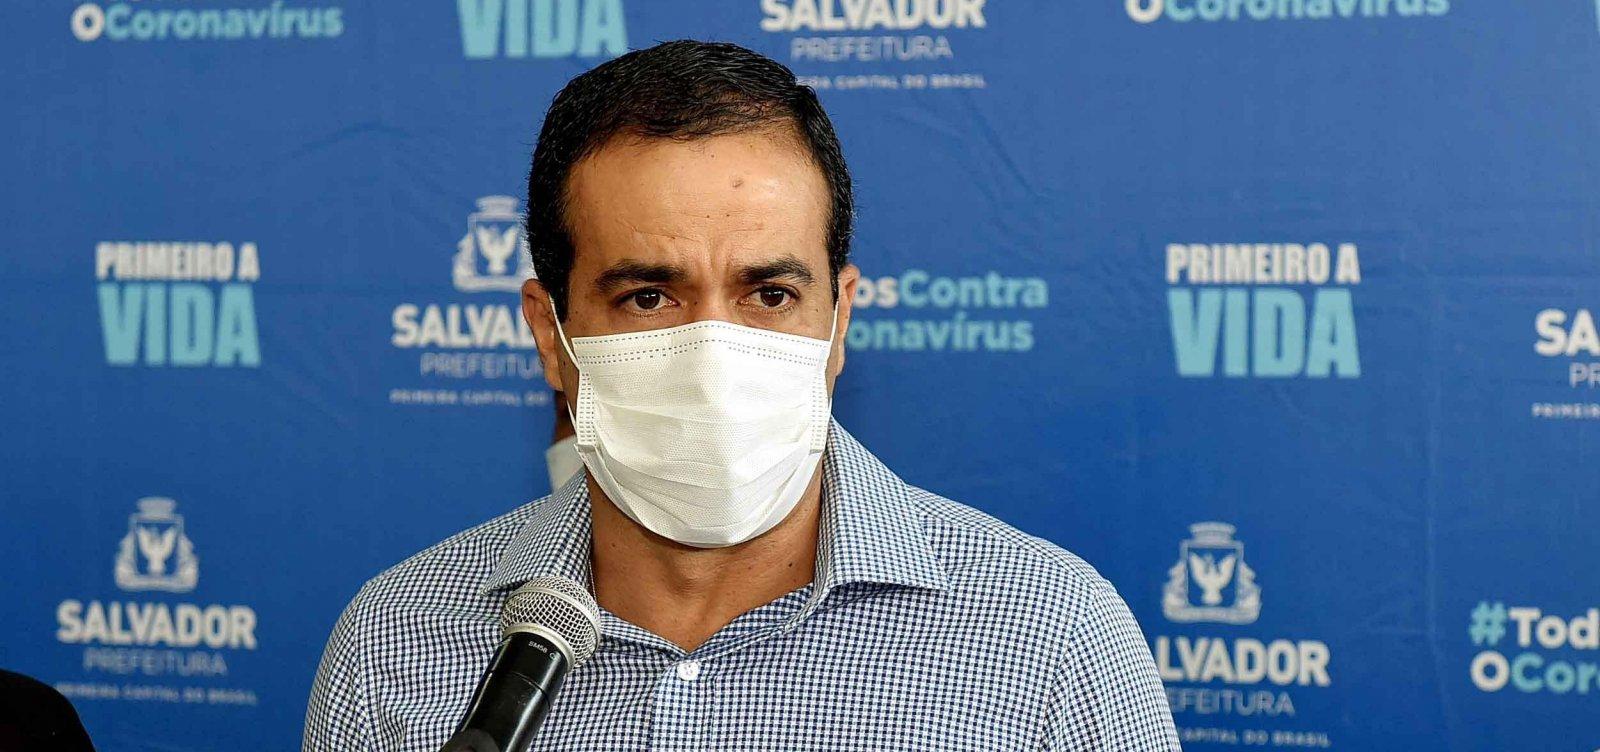 Prefeito diz que 20% da população de Salvador já teve Covid-19